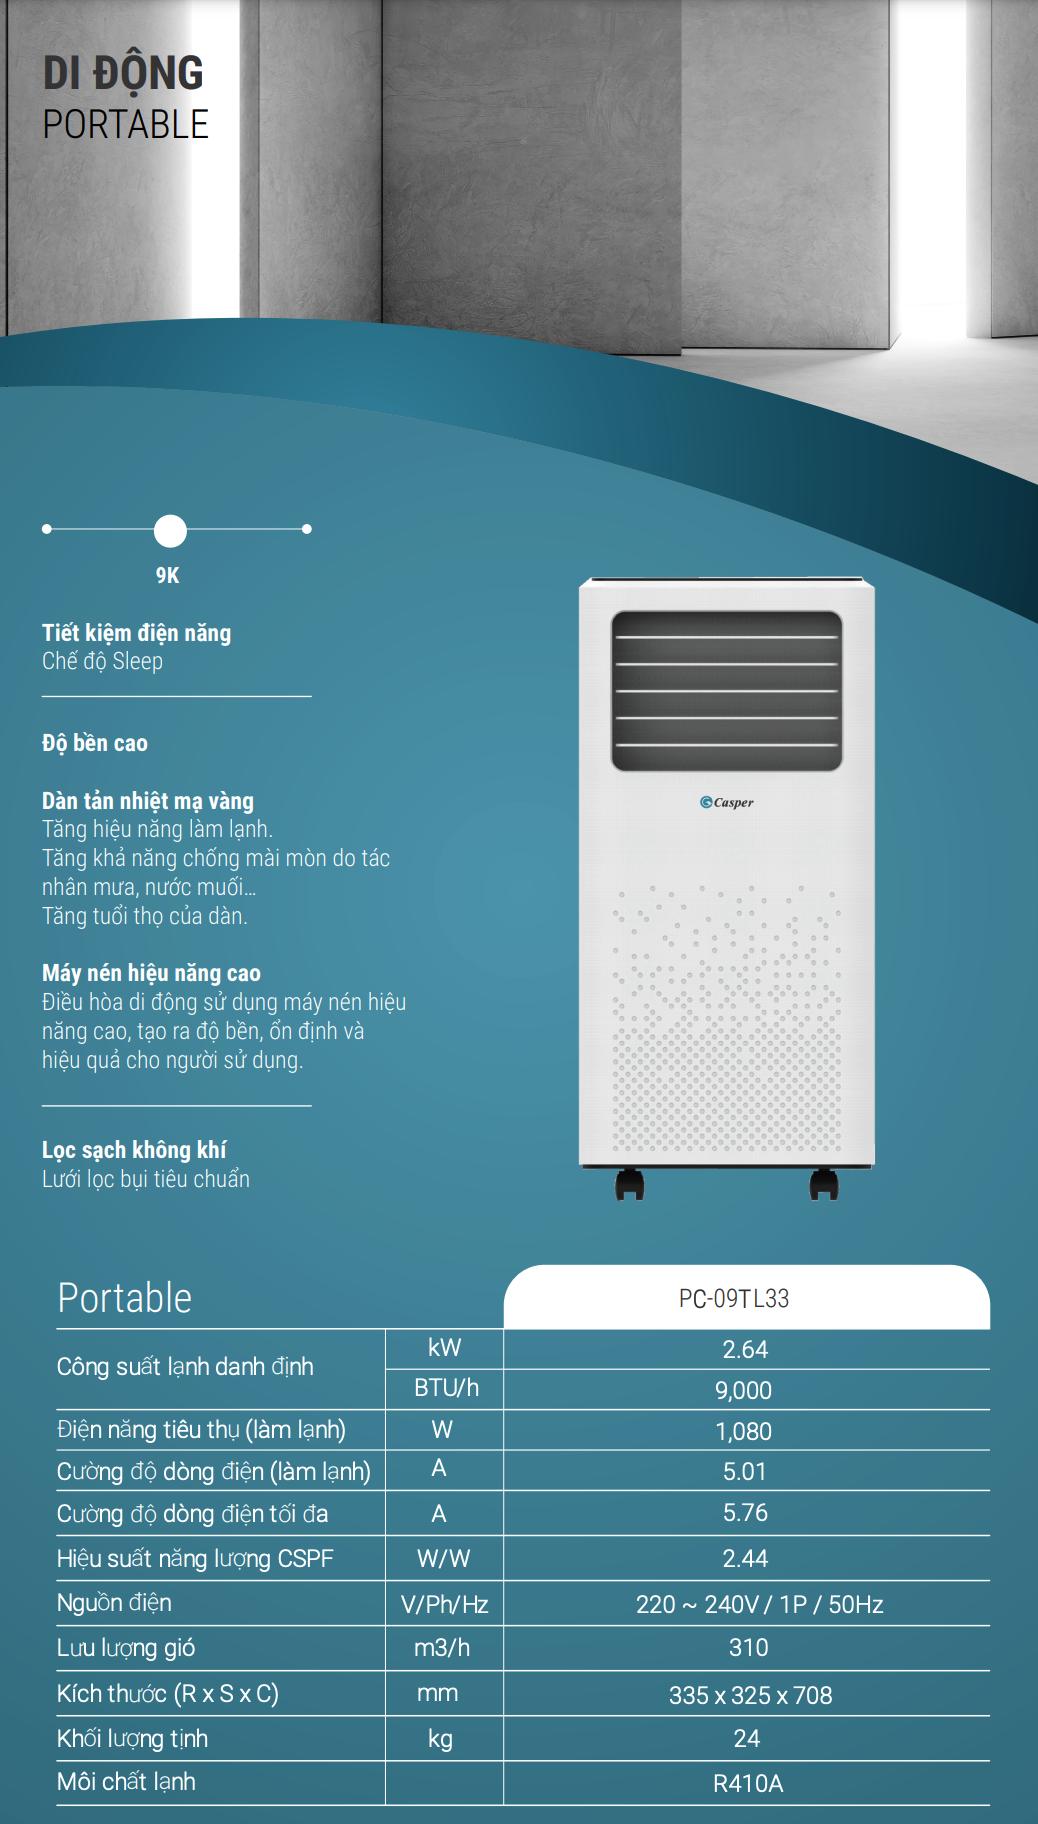 Máy lạnh di động Casper PC-09TL33 được sản xuất trên dây chuyền công nghệ hiện đại của Casper, Thái Lan.